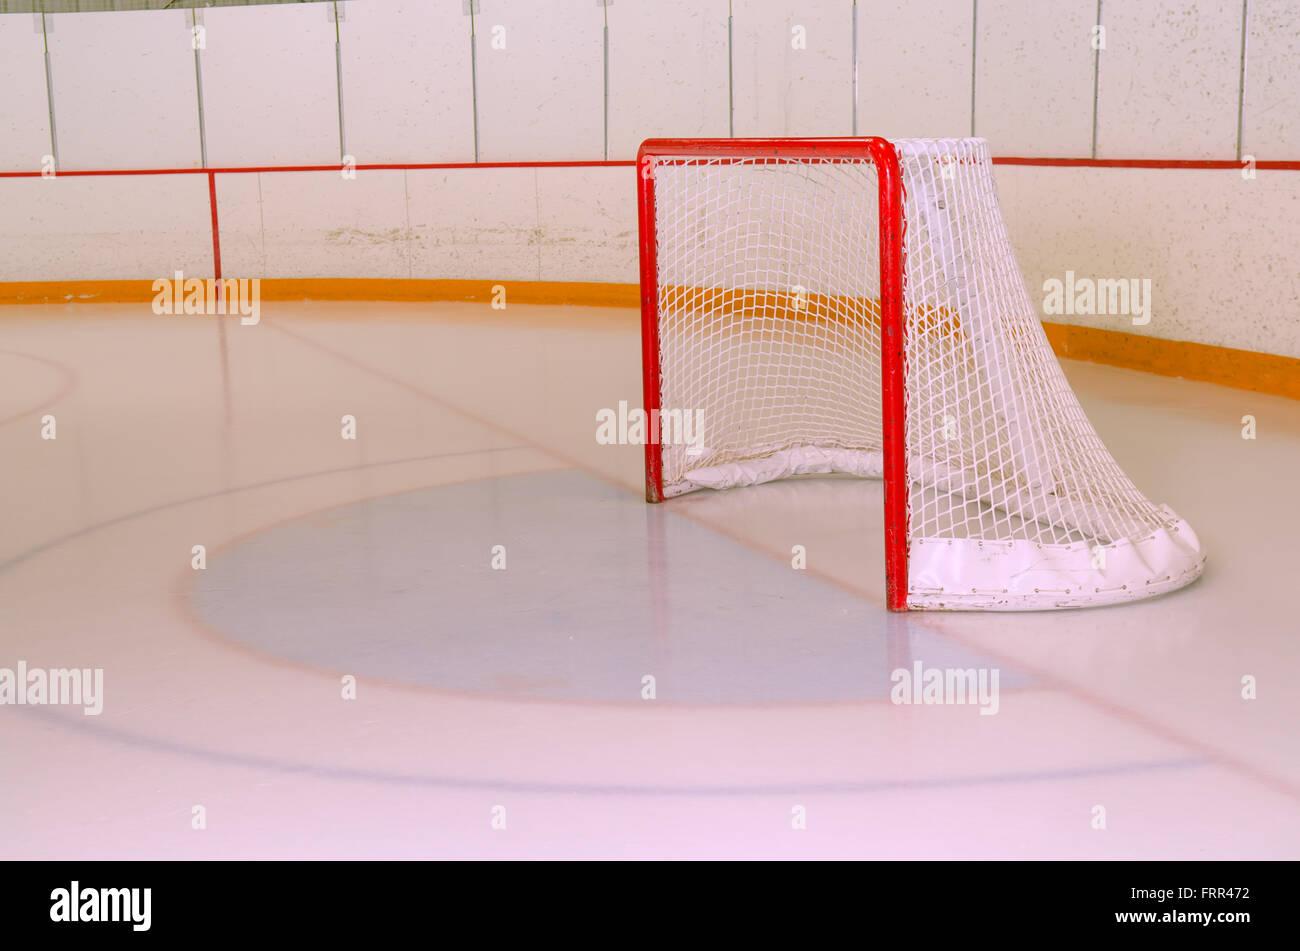 Un tipico di hockey o Ringette Arena Net nella piega della pista da hockey Immagini Stock